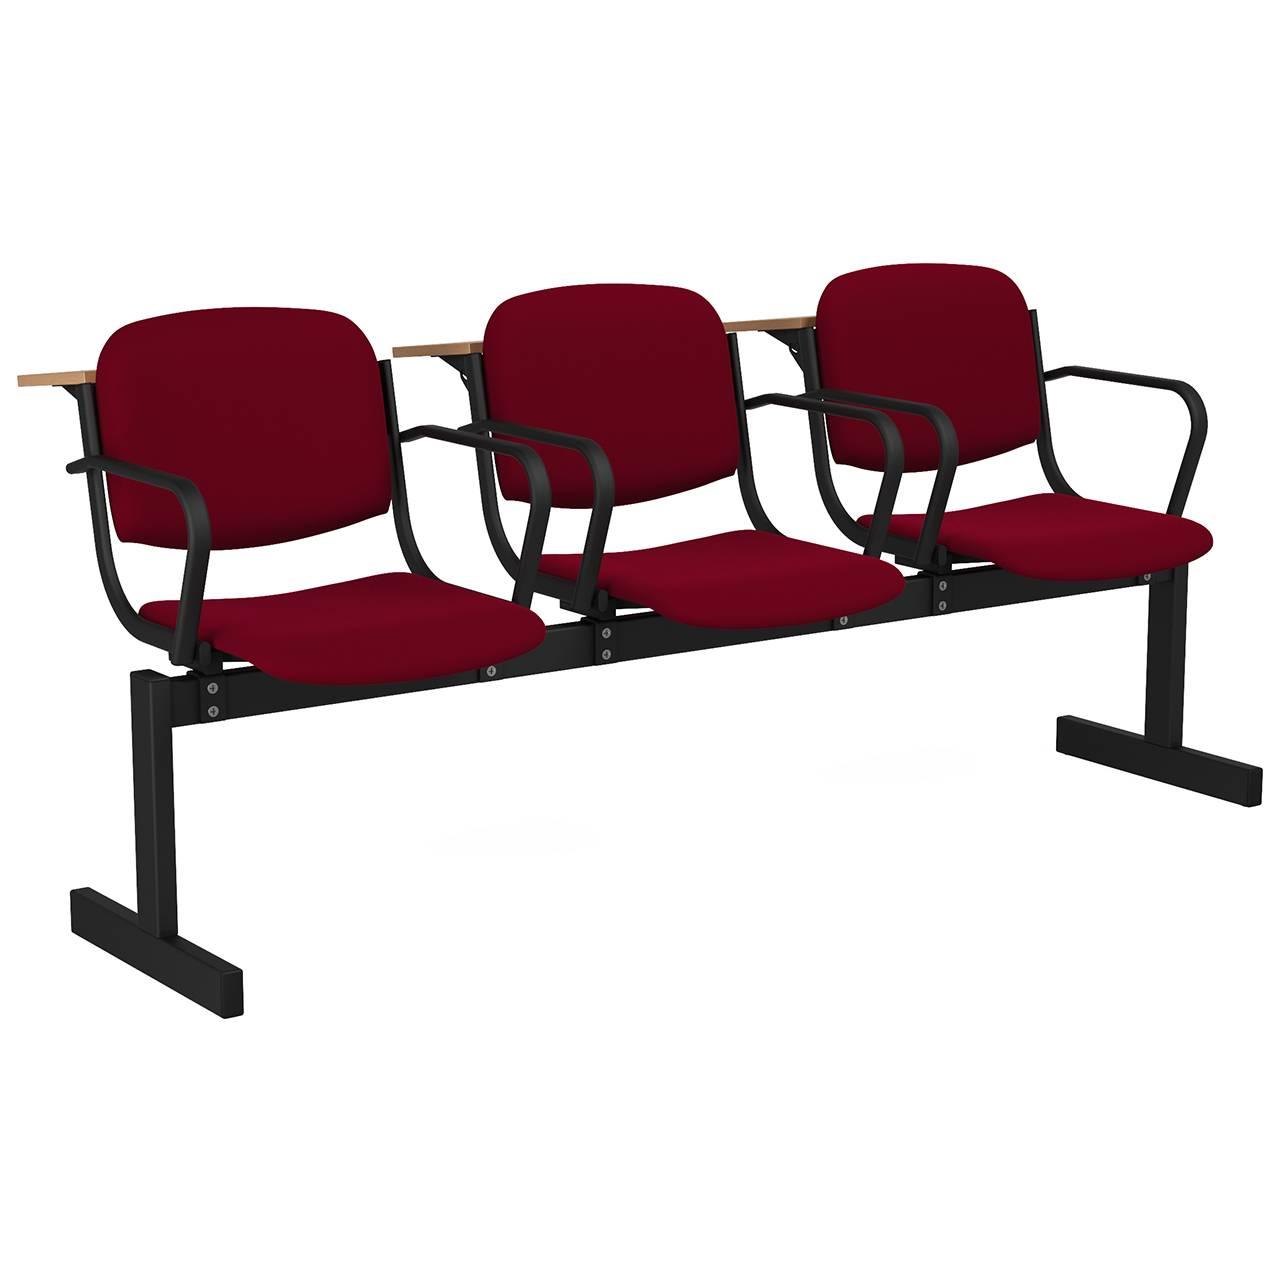 3-местный, не откидывающиеся сиденья, мягкий, подлокотники, лекционный черный бордо Флок